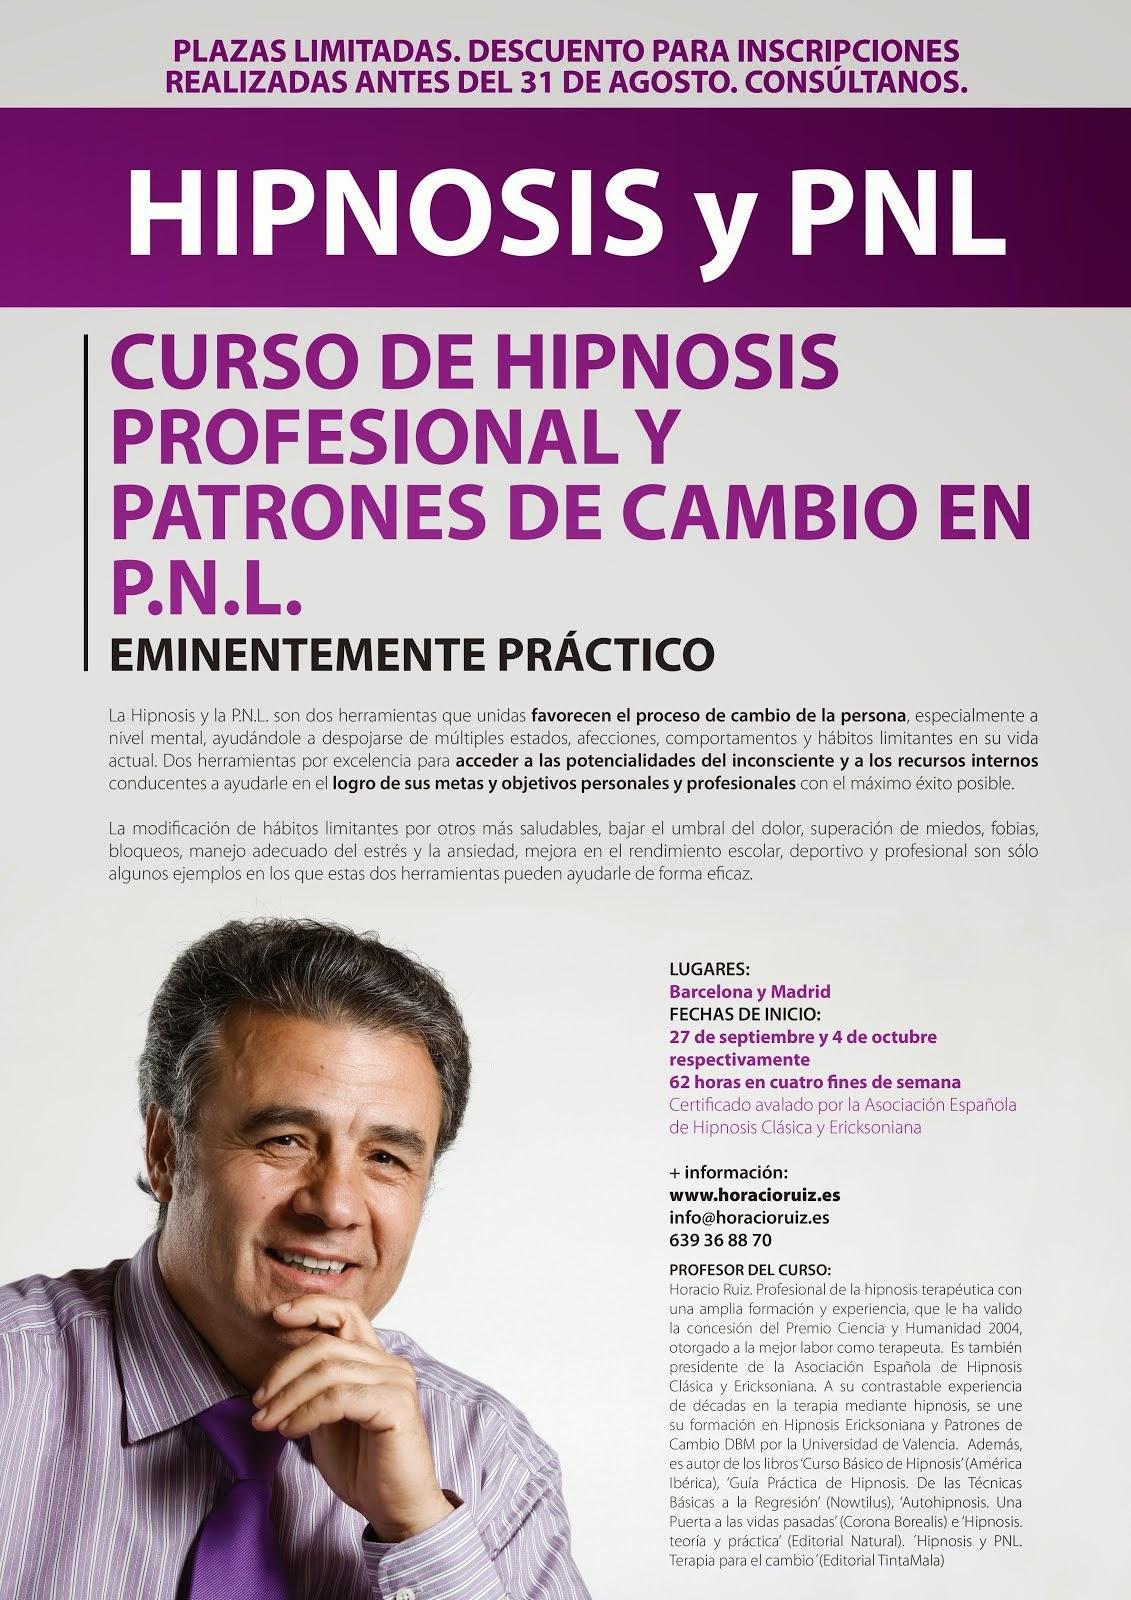 BARCELONA y MADRID. Curso Profesional de Hipnosis y PNL